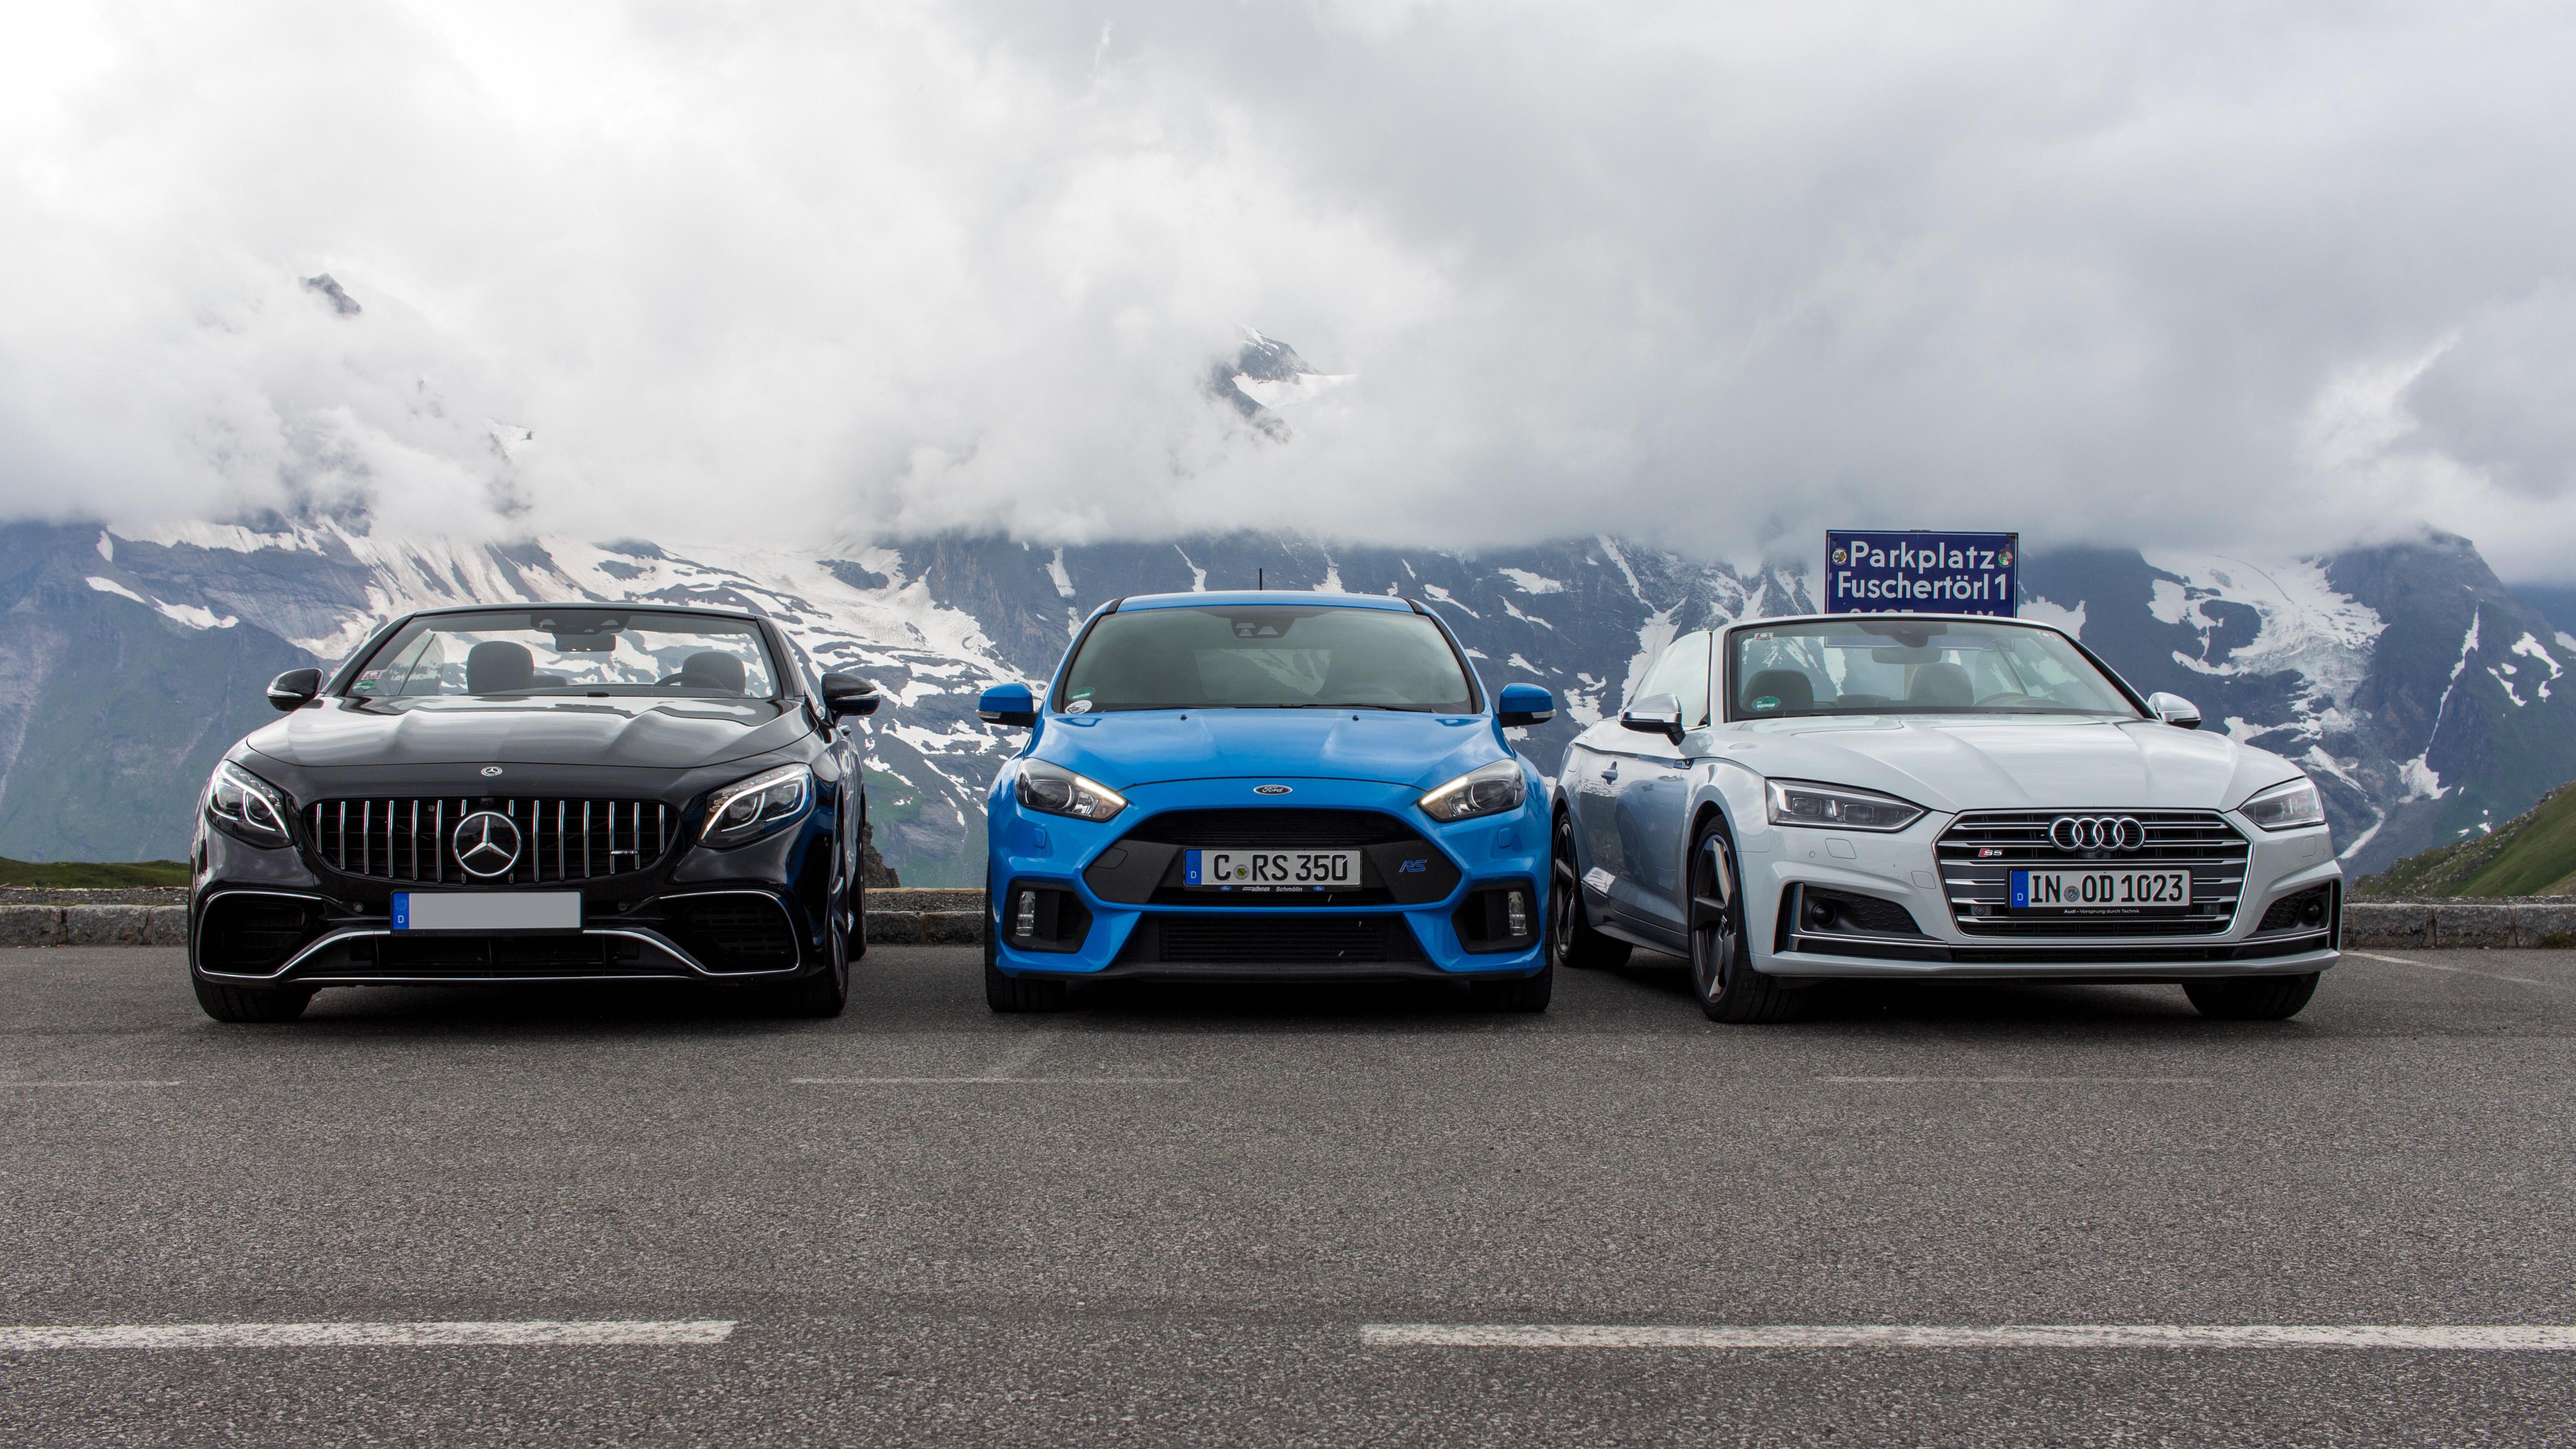 Audi Ford und Mercedes Benz am Parkplatz Fuschertörl Mietwagen